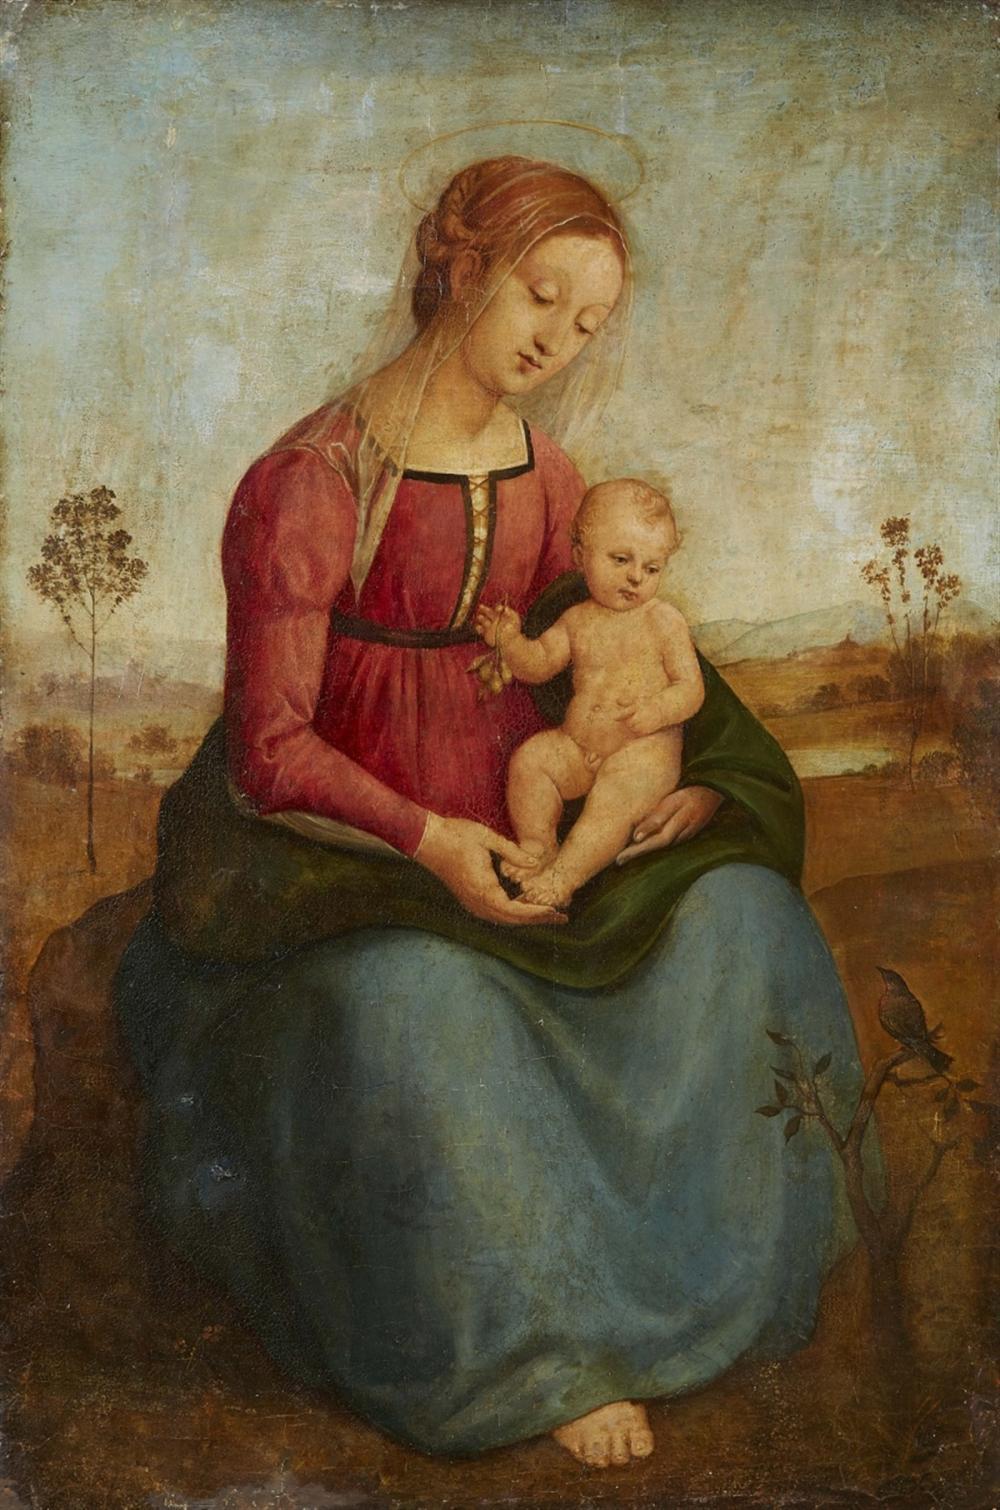 Italienischer Meister wohl des frühen 16. Jahrhunderts, Madonna mit Kind in einer Landschaft, Öl/Holz | Foto: Lempertz